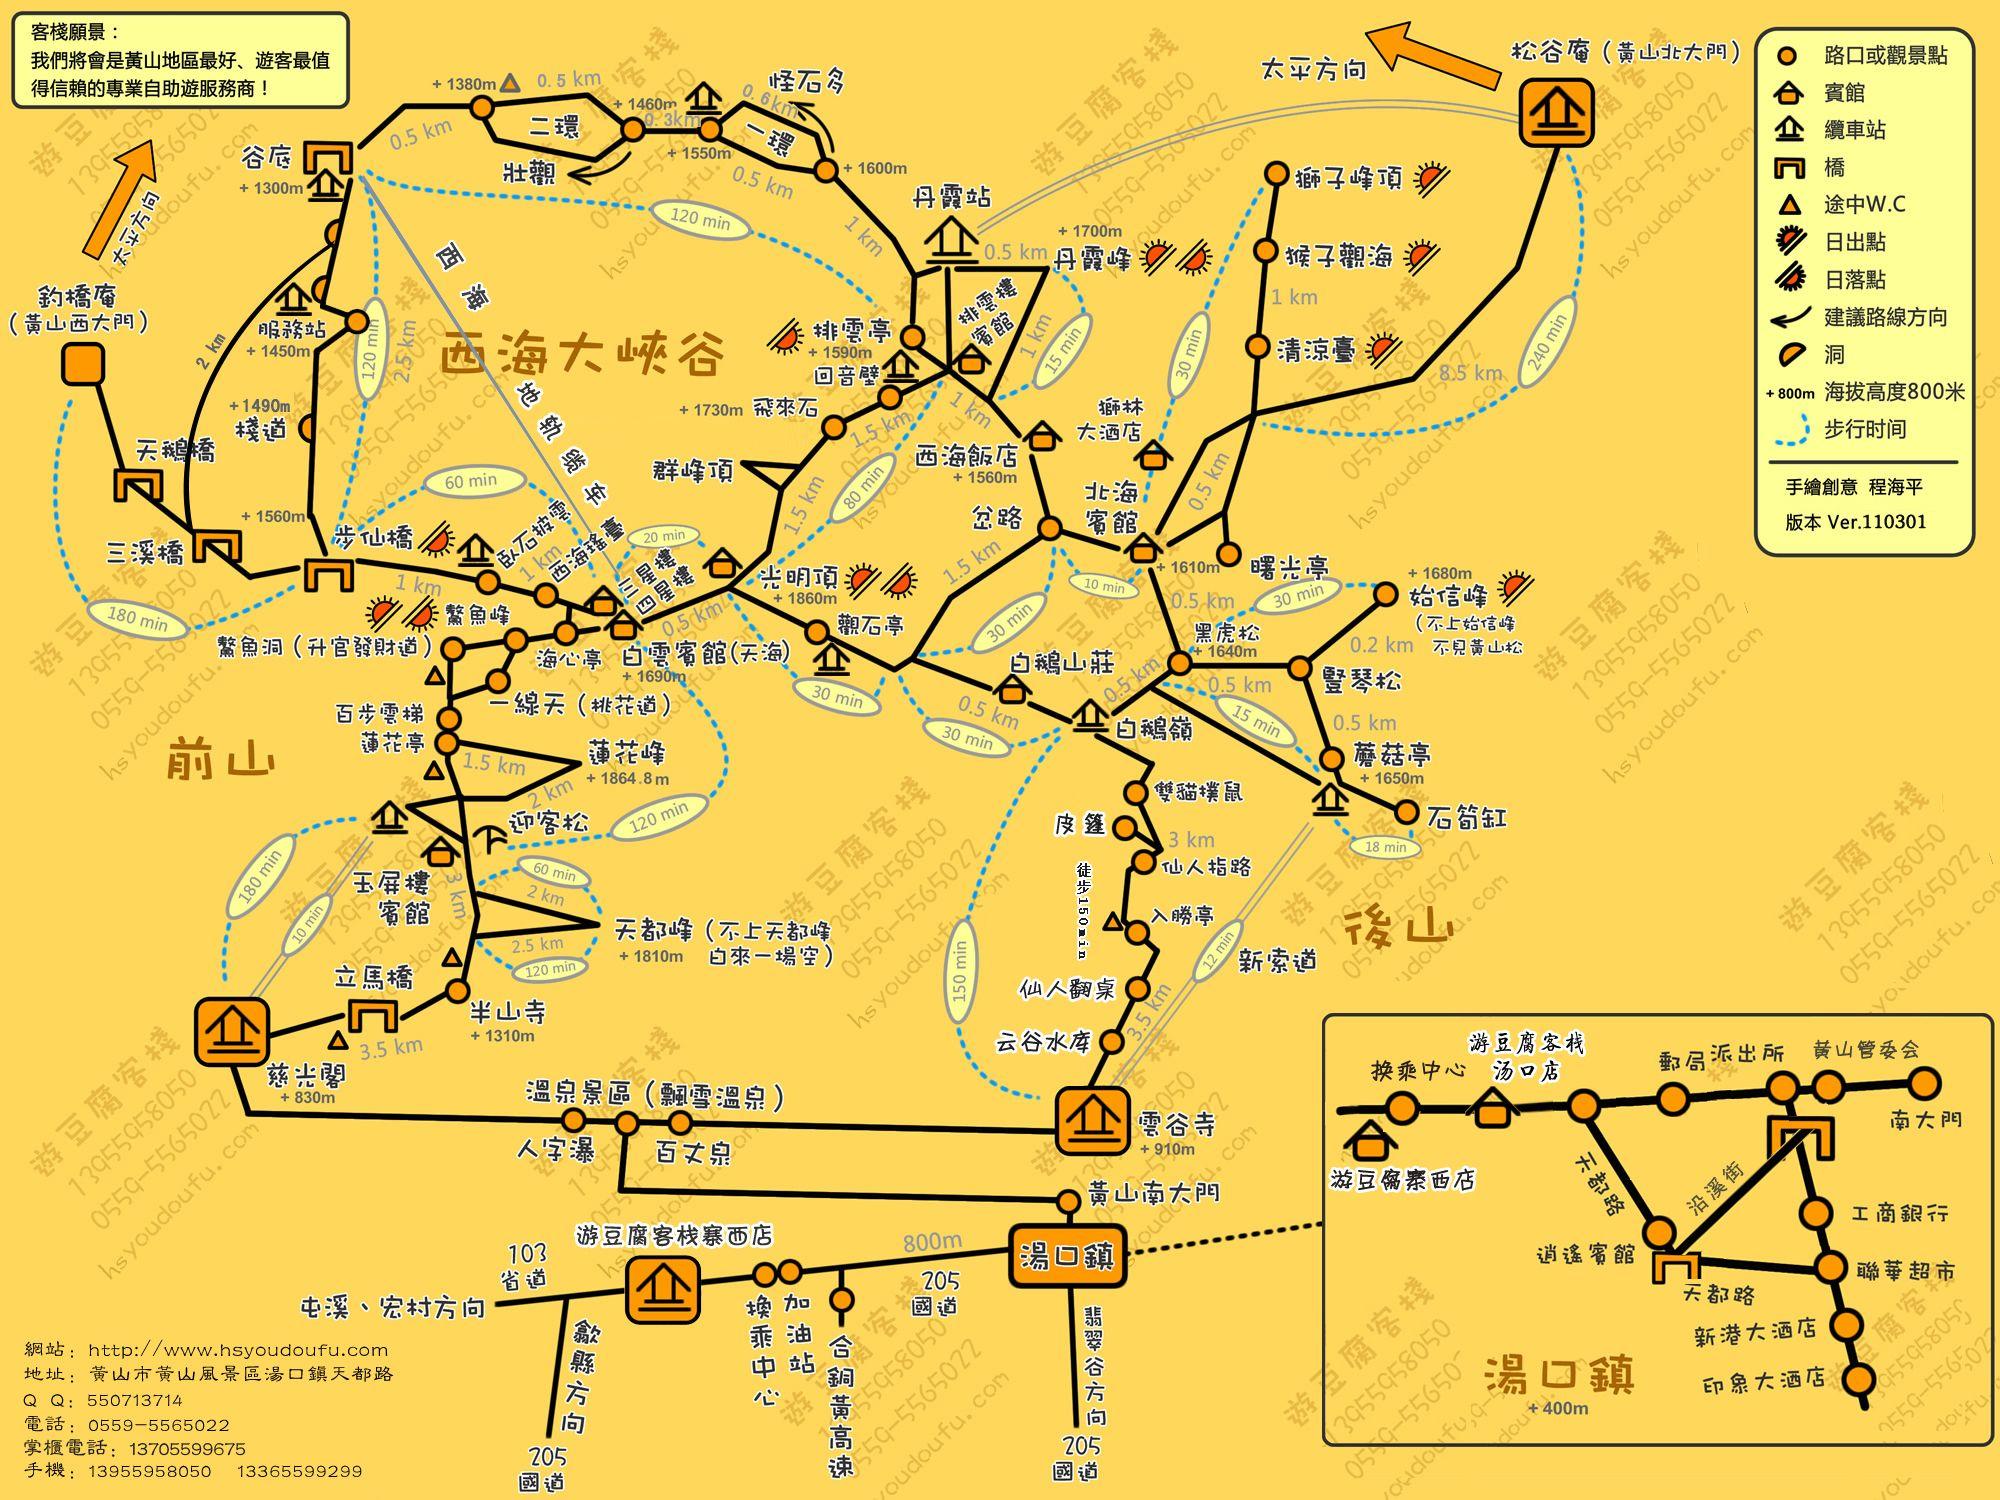 黄山二日游最佳路线图